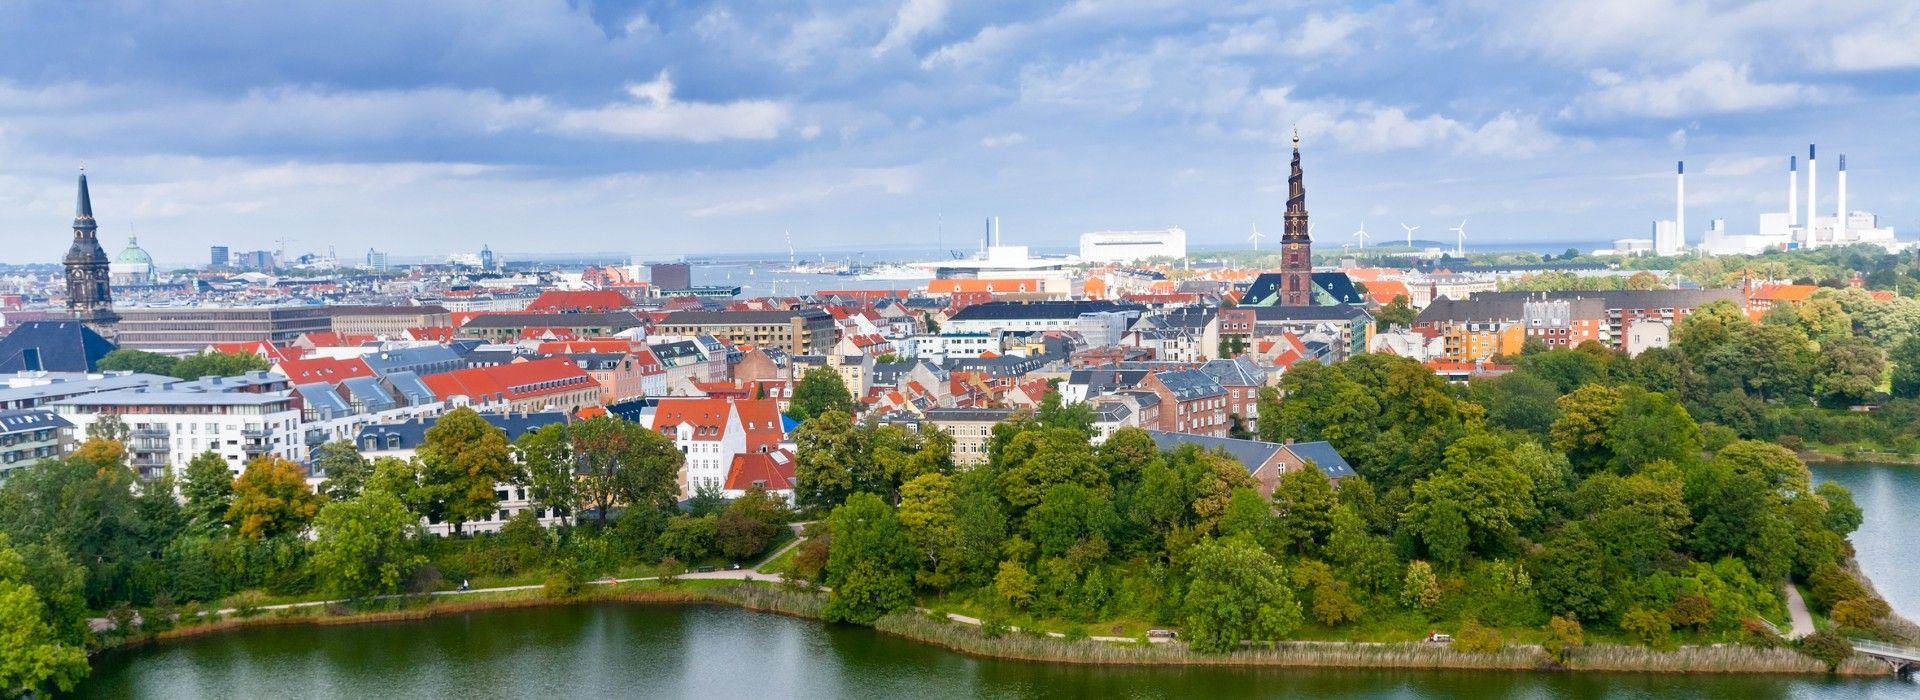 Segway tours in Copenhagen